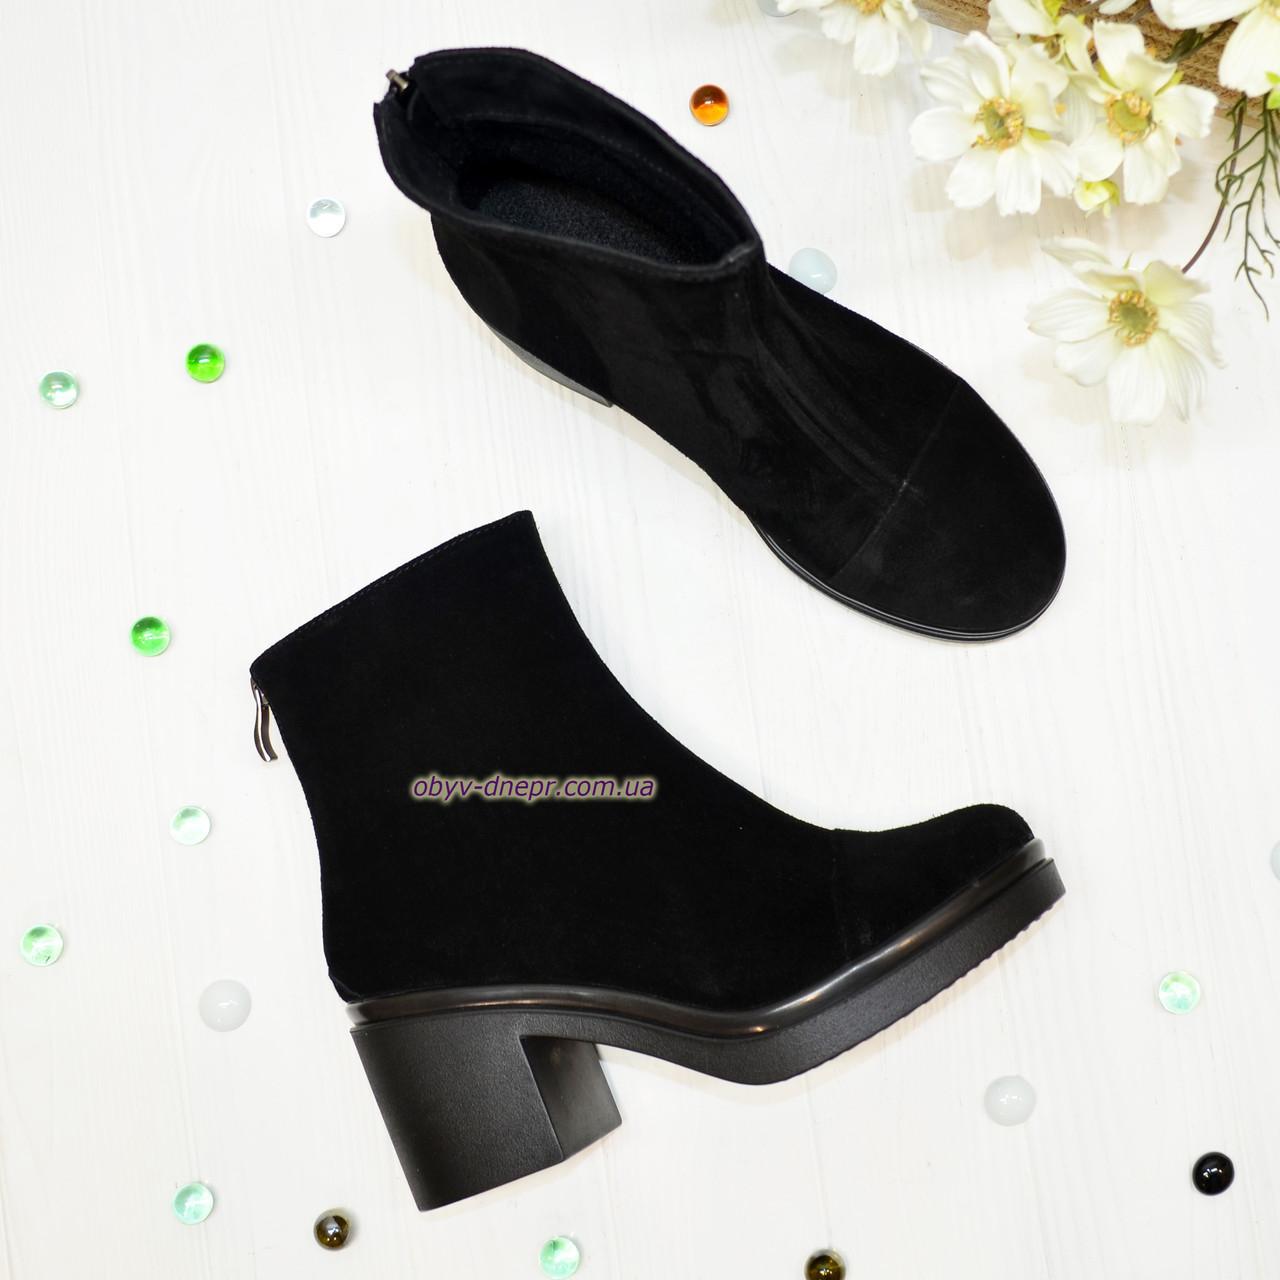 Ботинки женские на устойчивом каблуке, из натуральной замши черного цвета